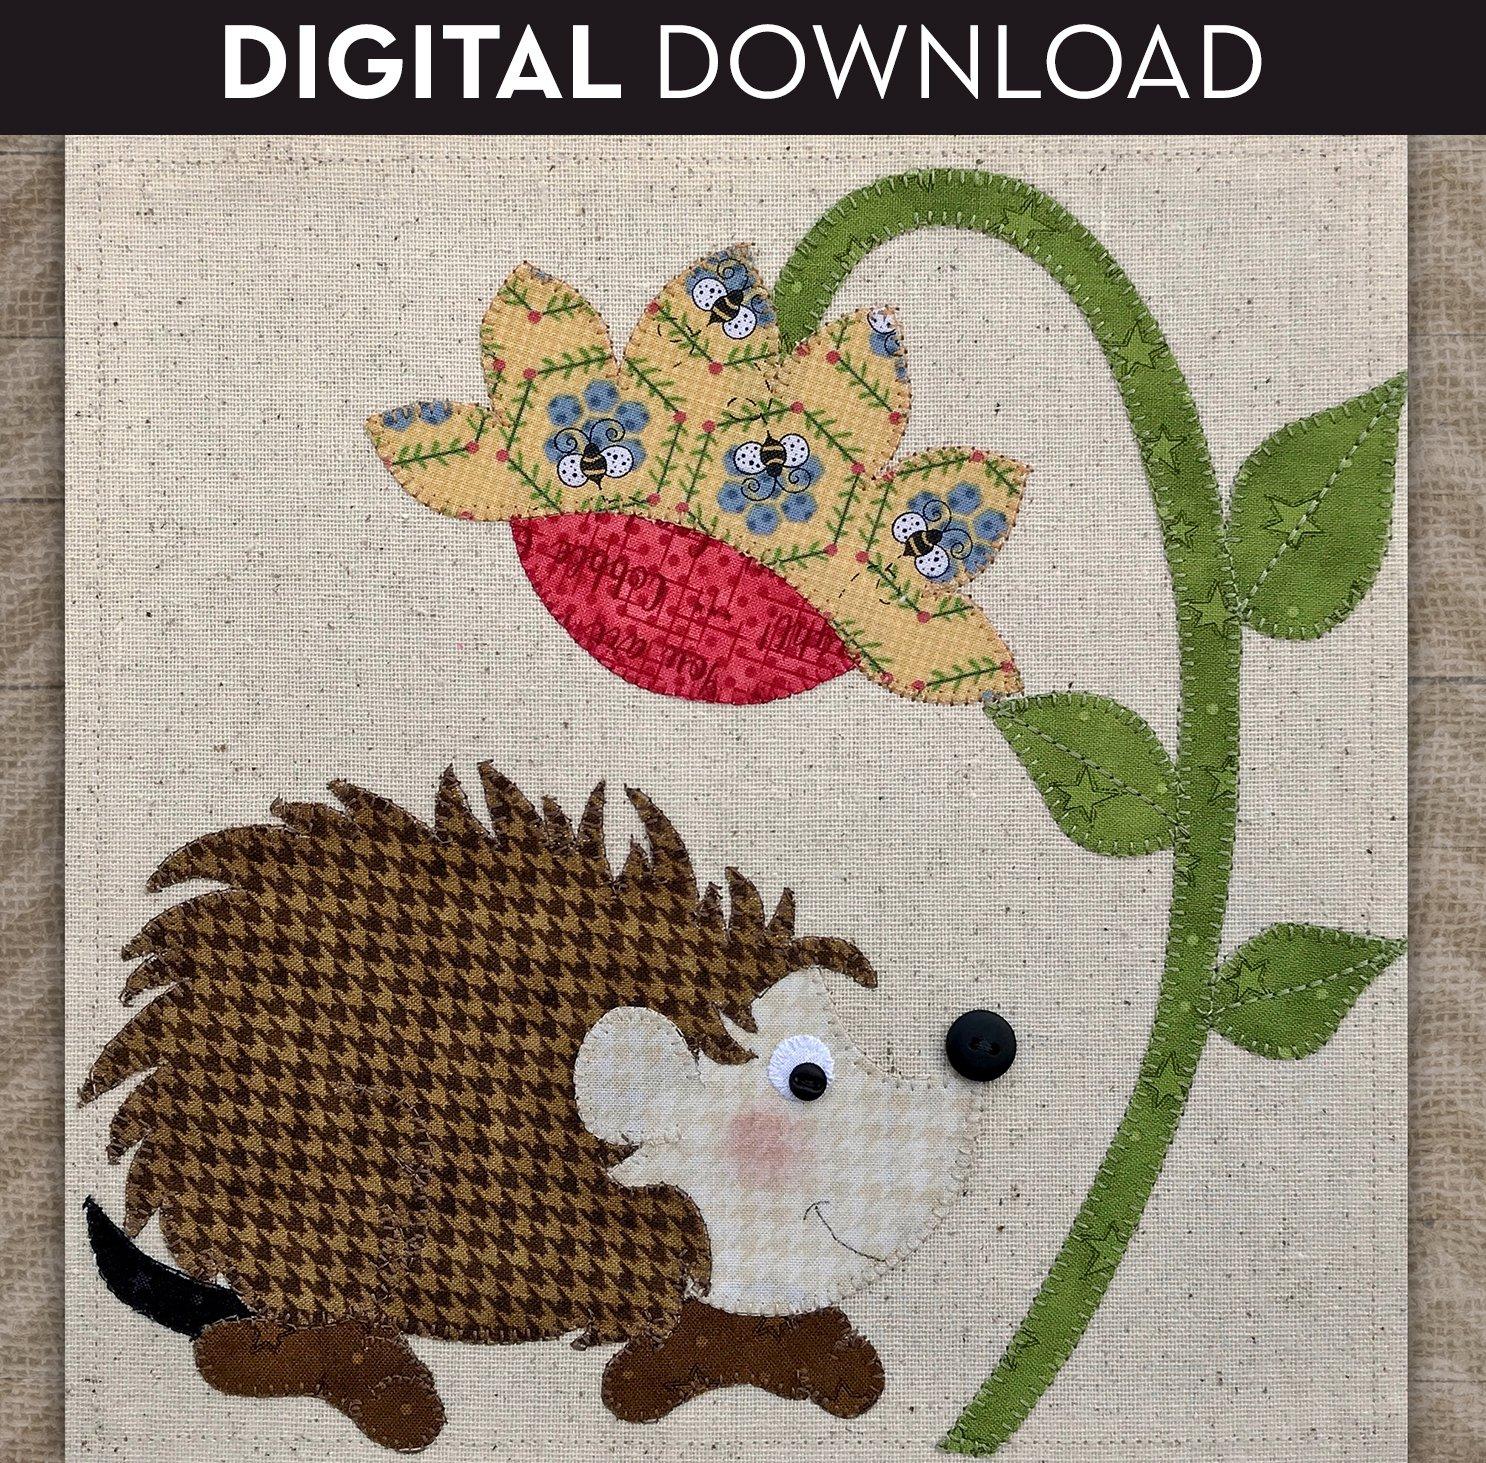 Hedgehog - Download